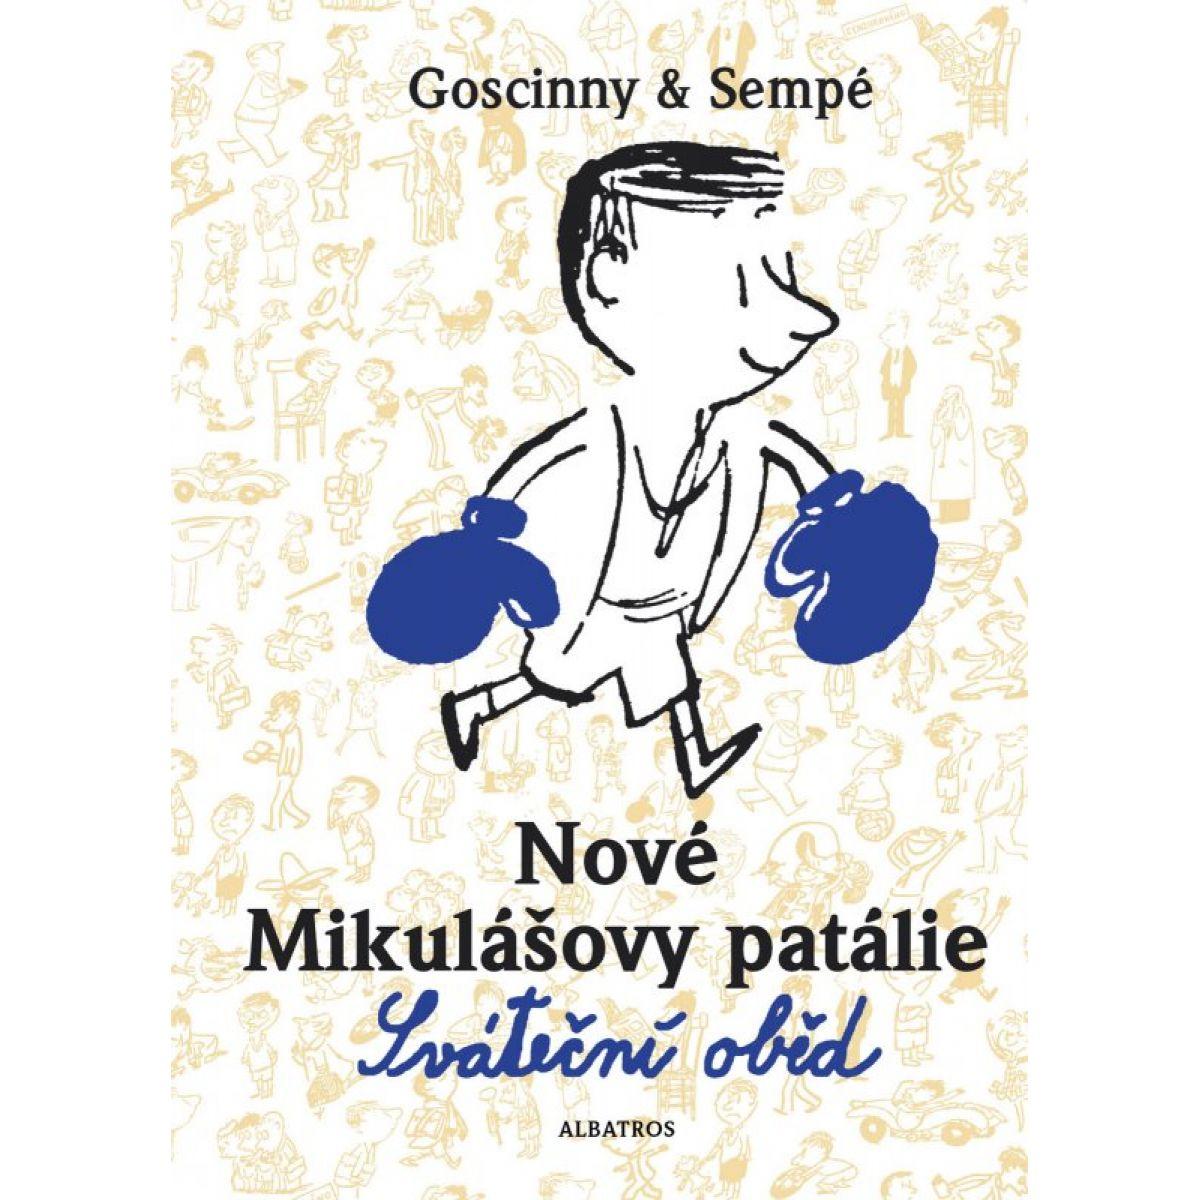 Nové Mikulášovy patálie Sváteční oběd Sempé; Goscinny